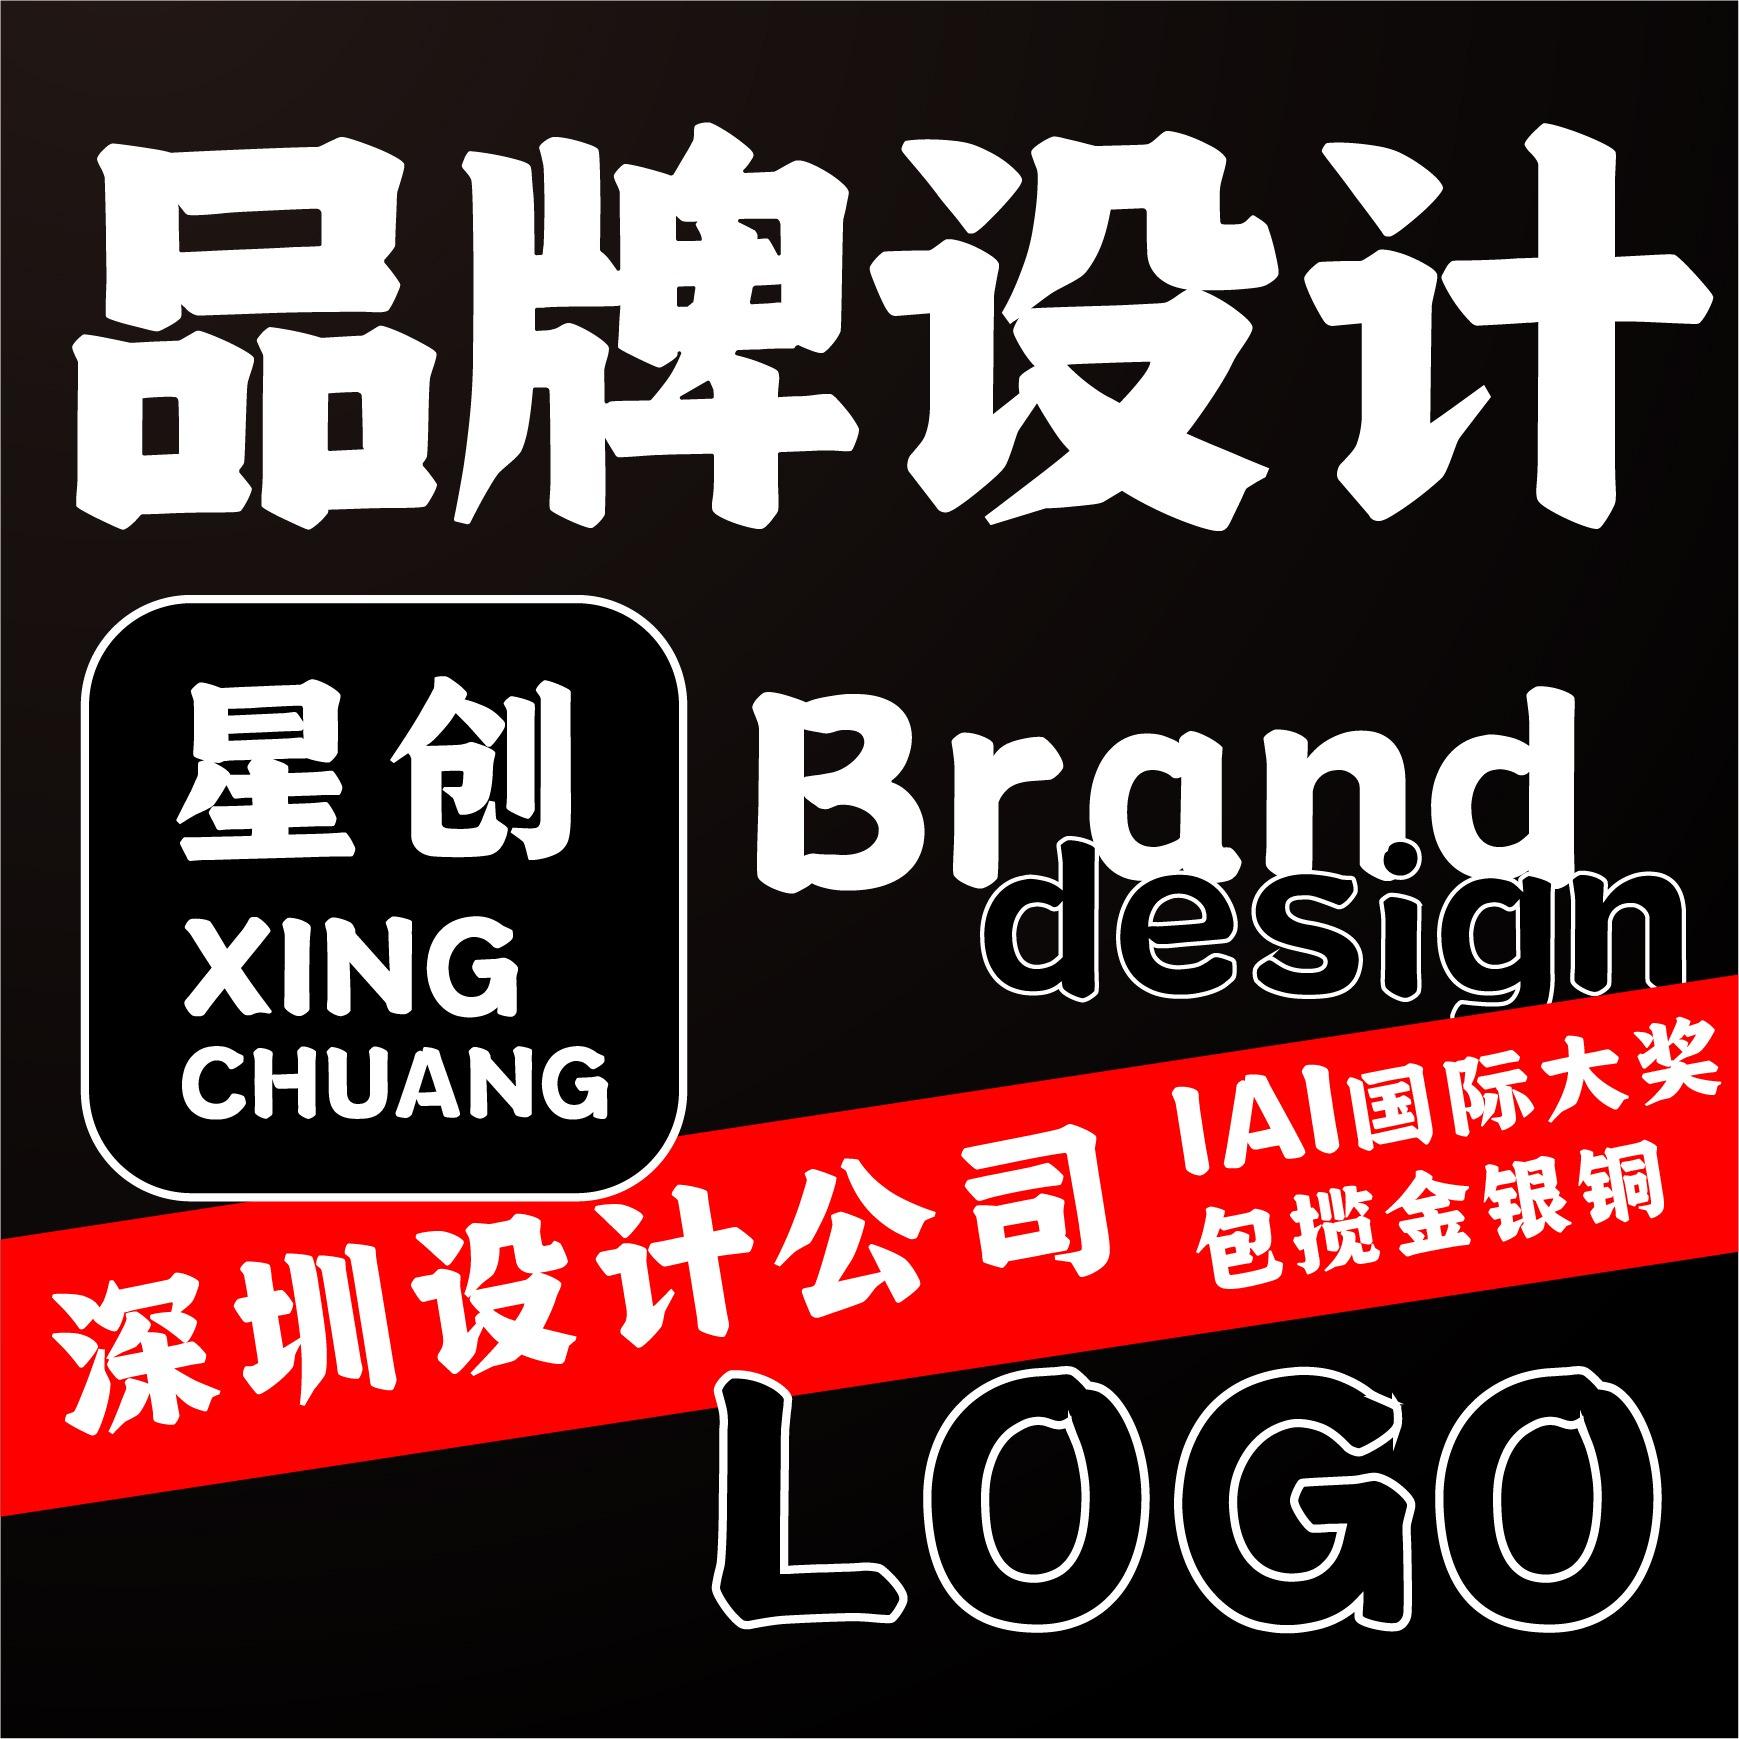 深圳设计教育标志餐饮 LOGO 零售百货电商农业科技企业原创设计